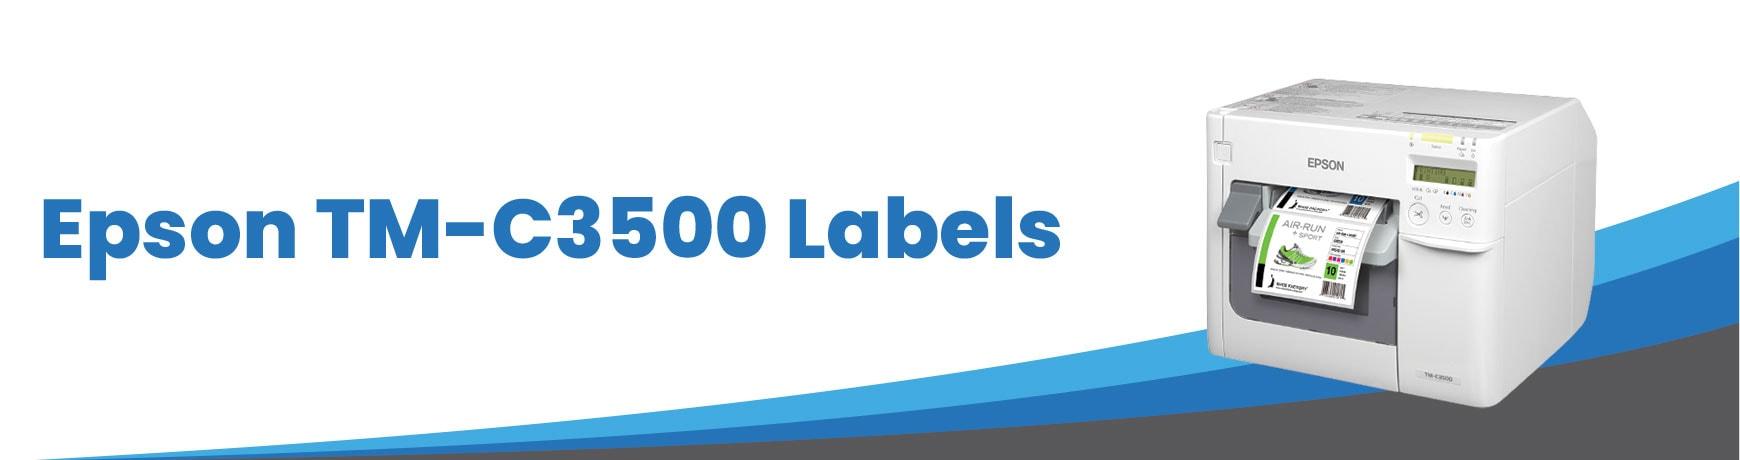 Epson TM-C3500 Labels